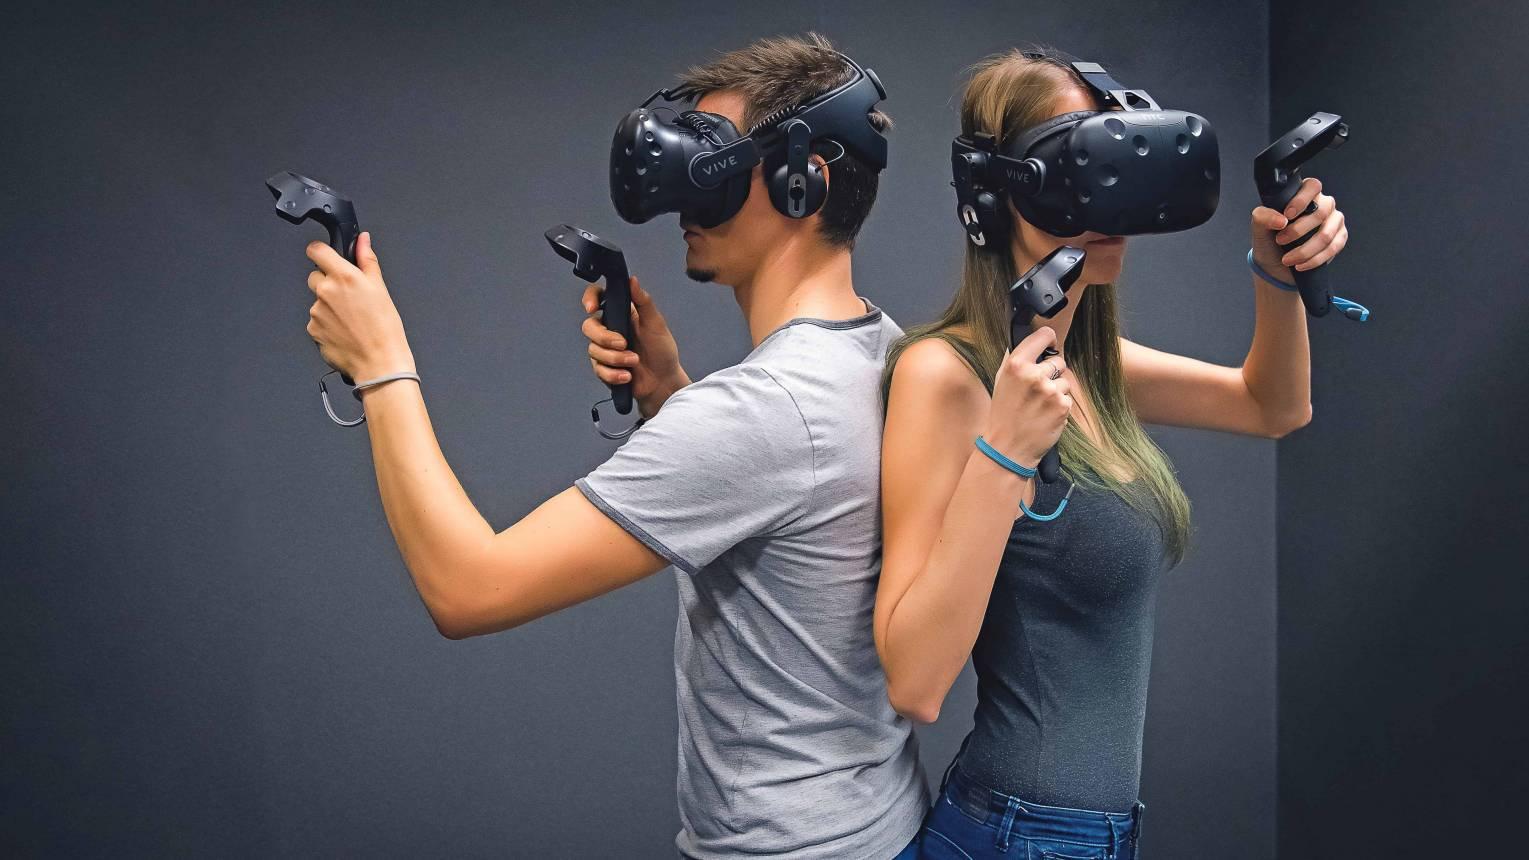 Belépő a virtuális valóságba 2 főnek